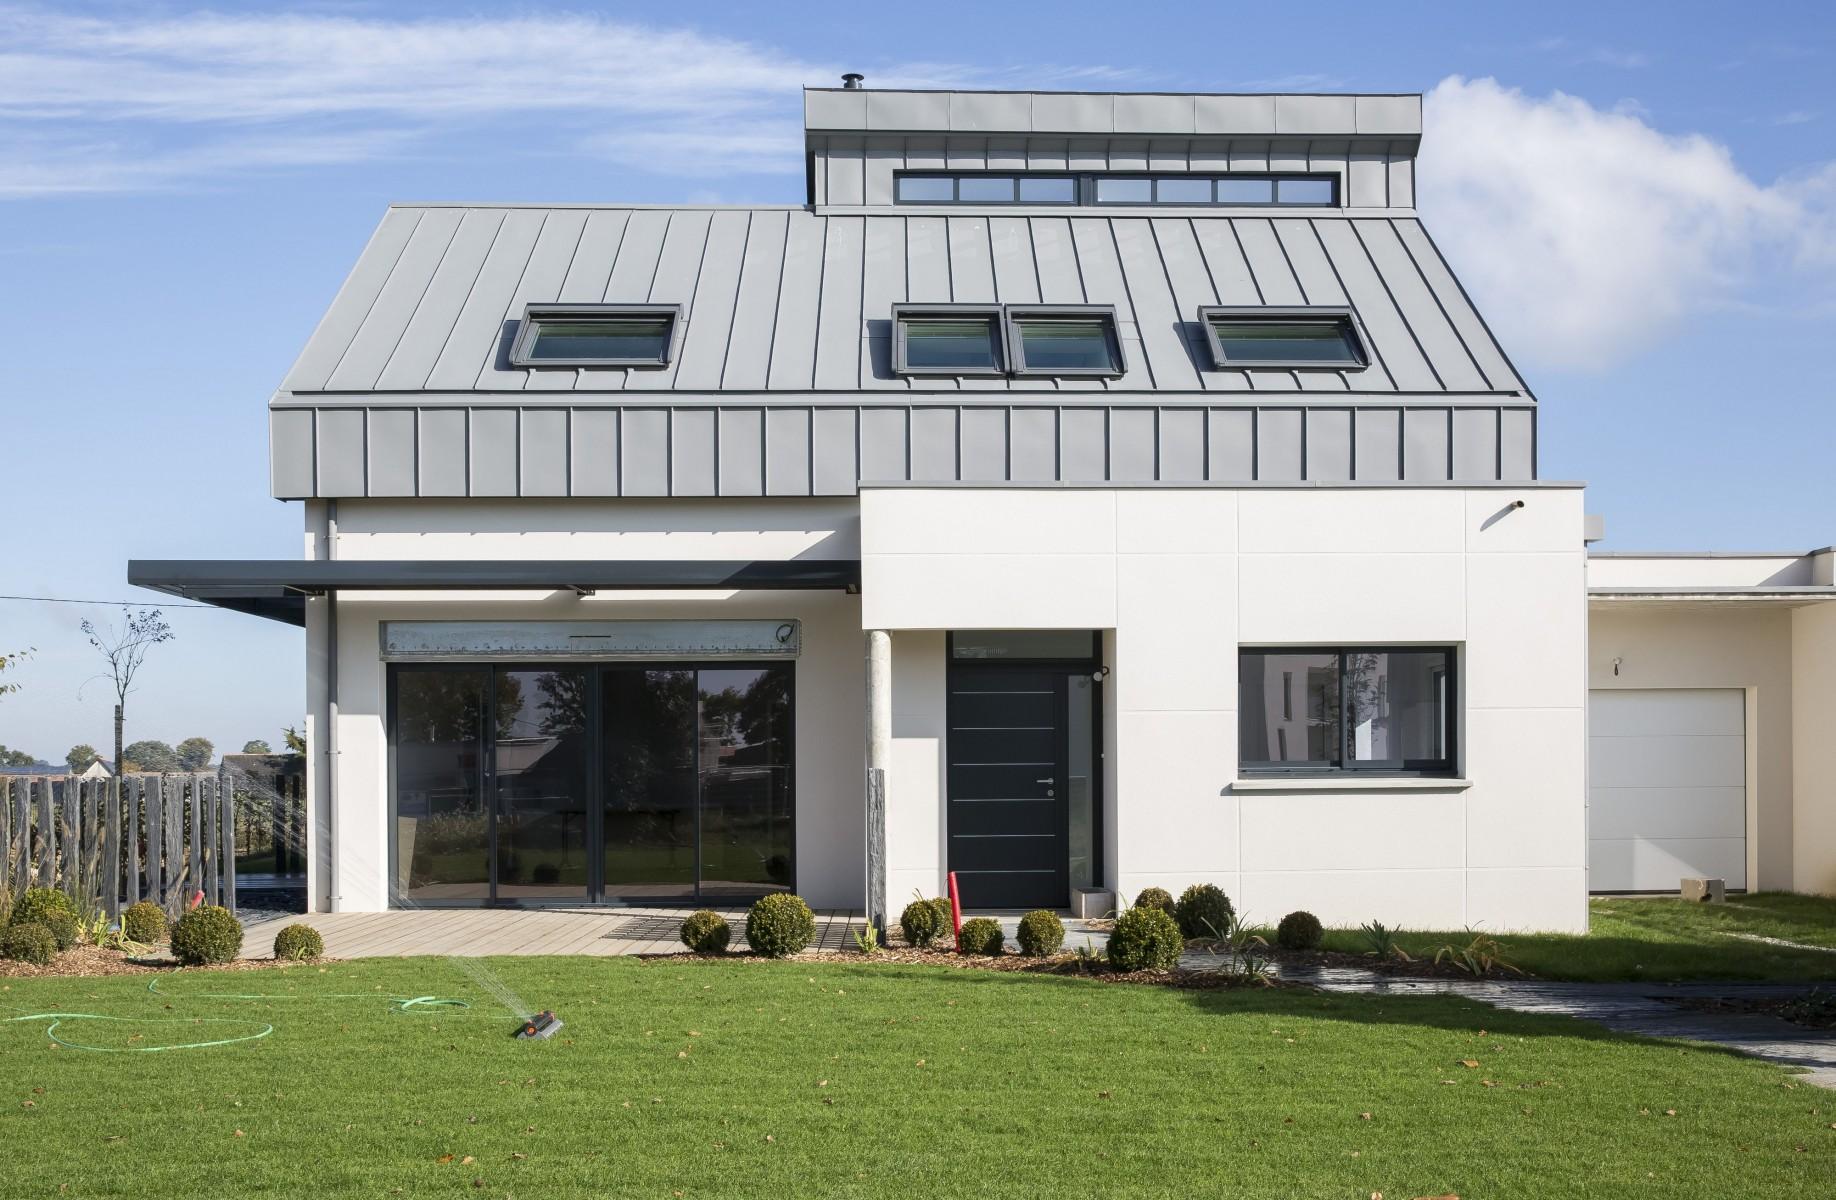 La vision velux de l habitat de demain inspire le for Constructeur de maison 13